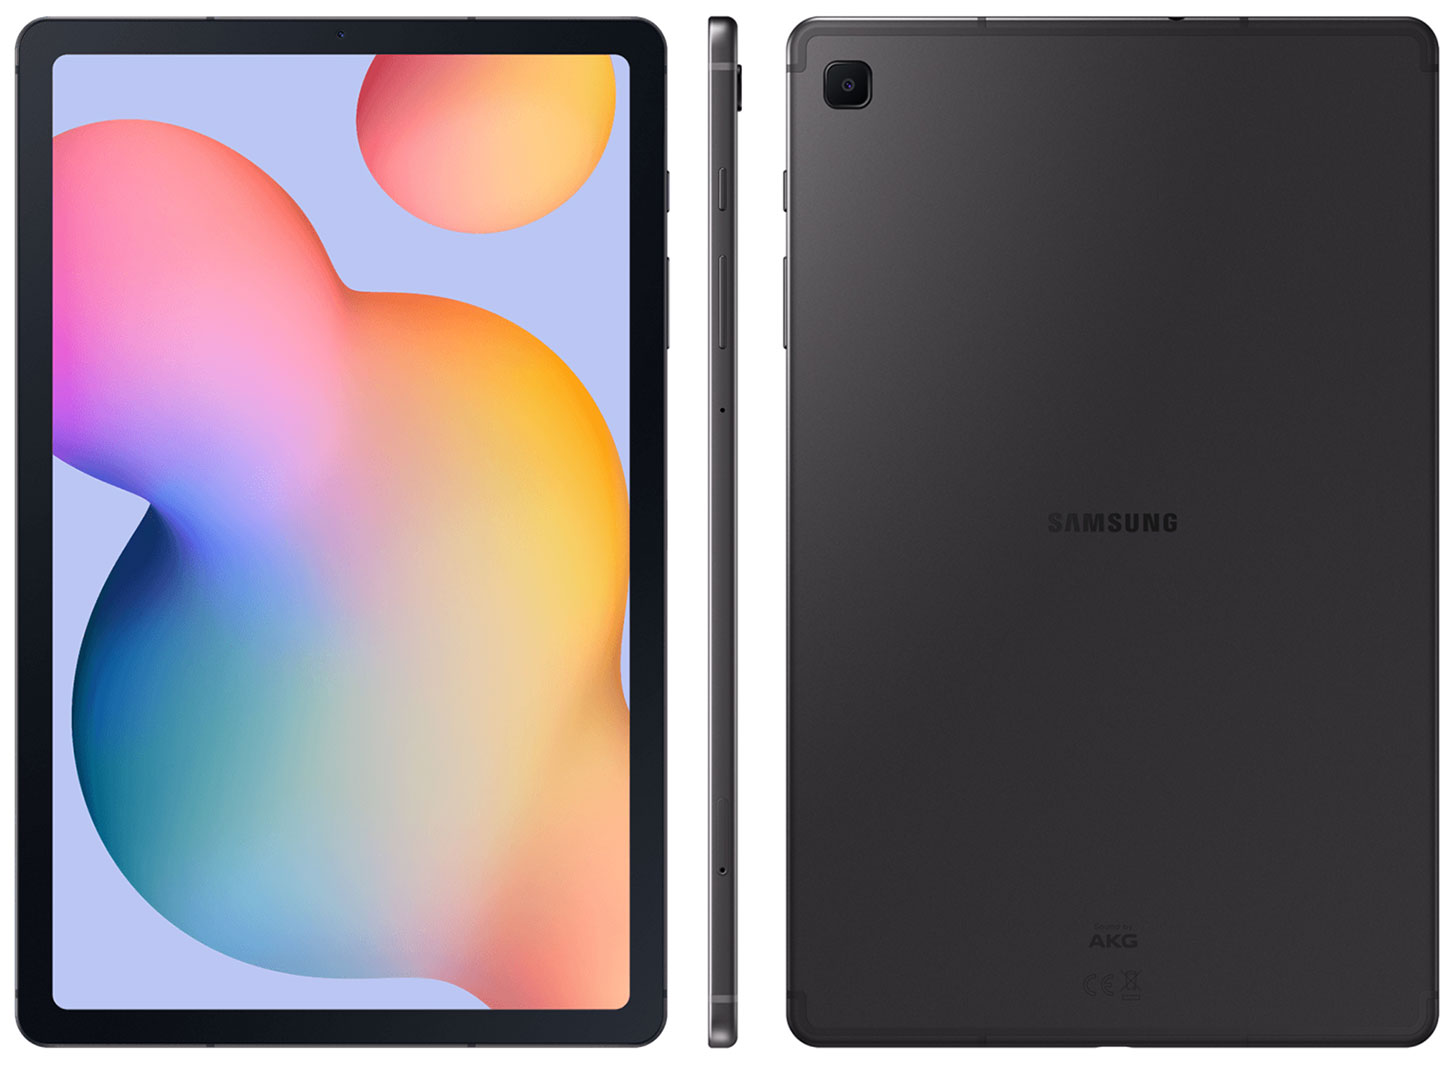 Samsung Galaxy Hình ảnh và thông số kỹ thuật của Tab S6 Lite đã được tiết lộ trong một rò rỉ mới 1